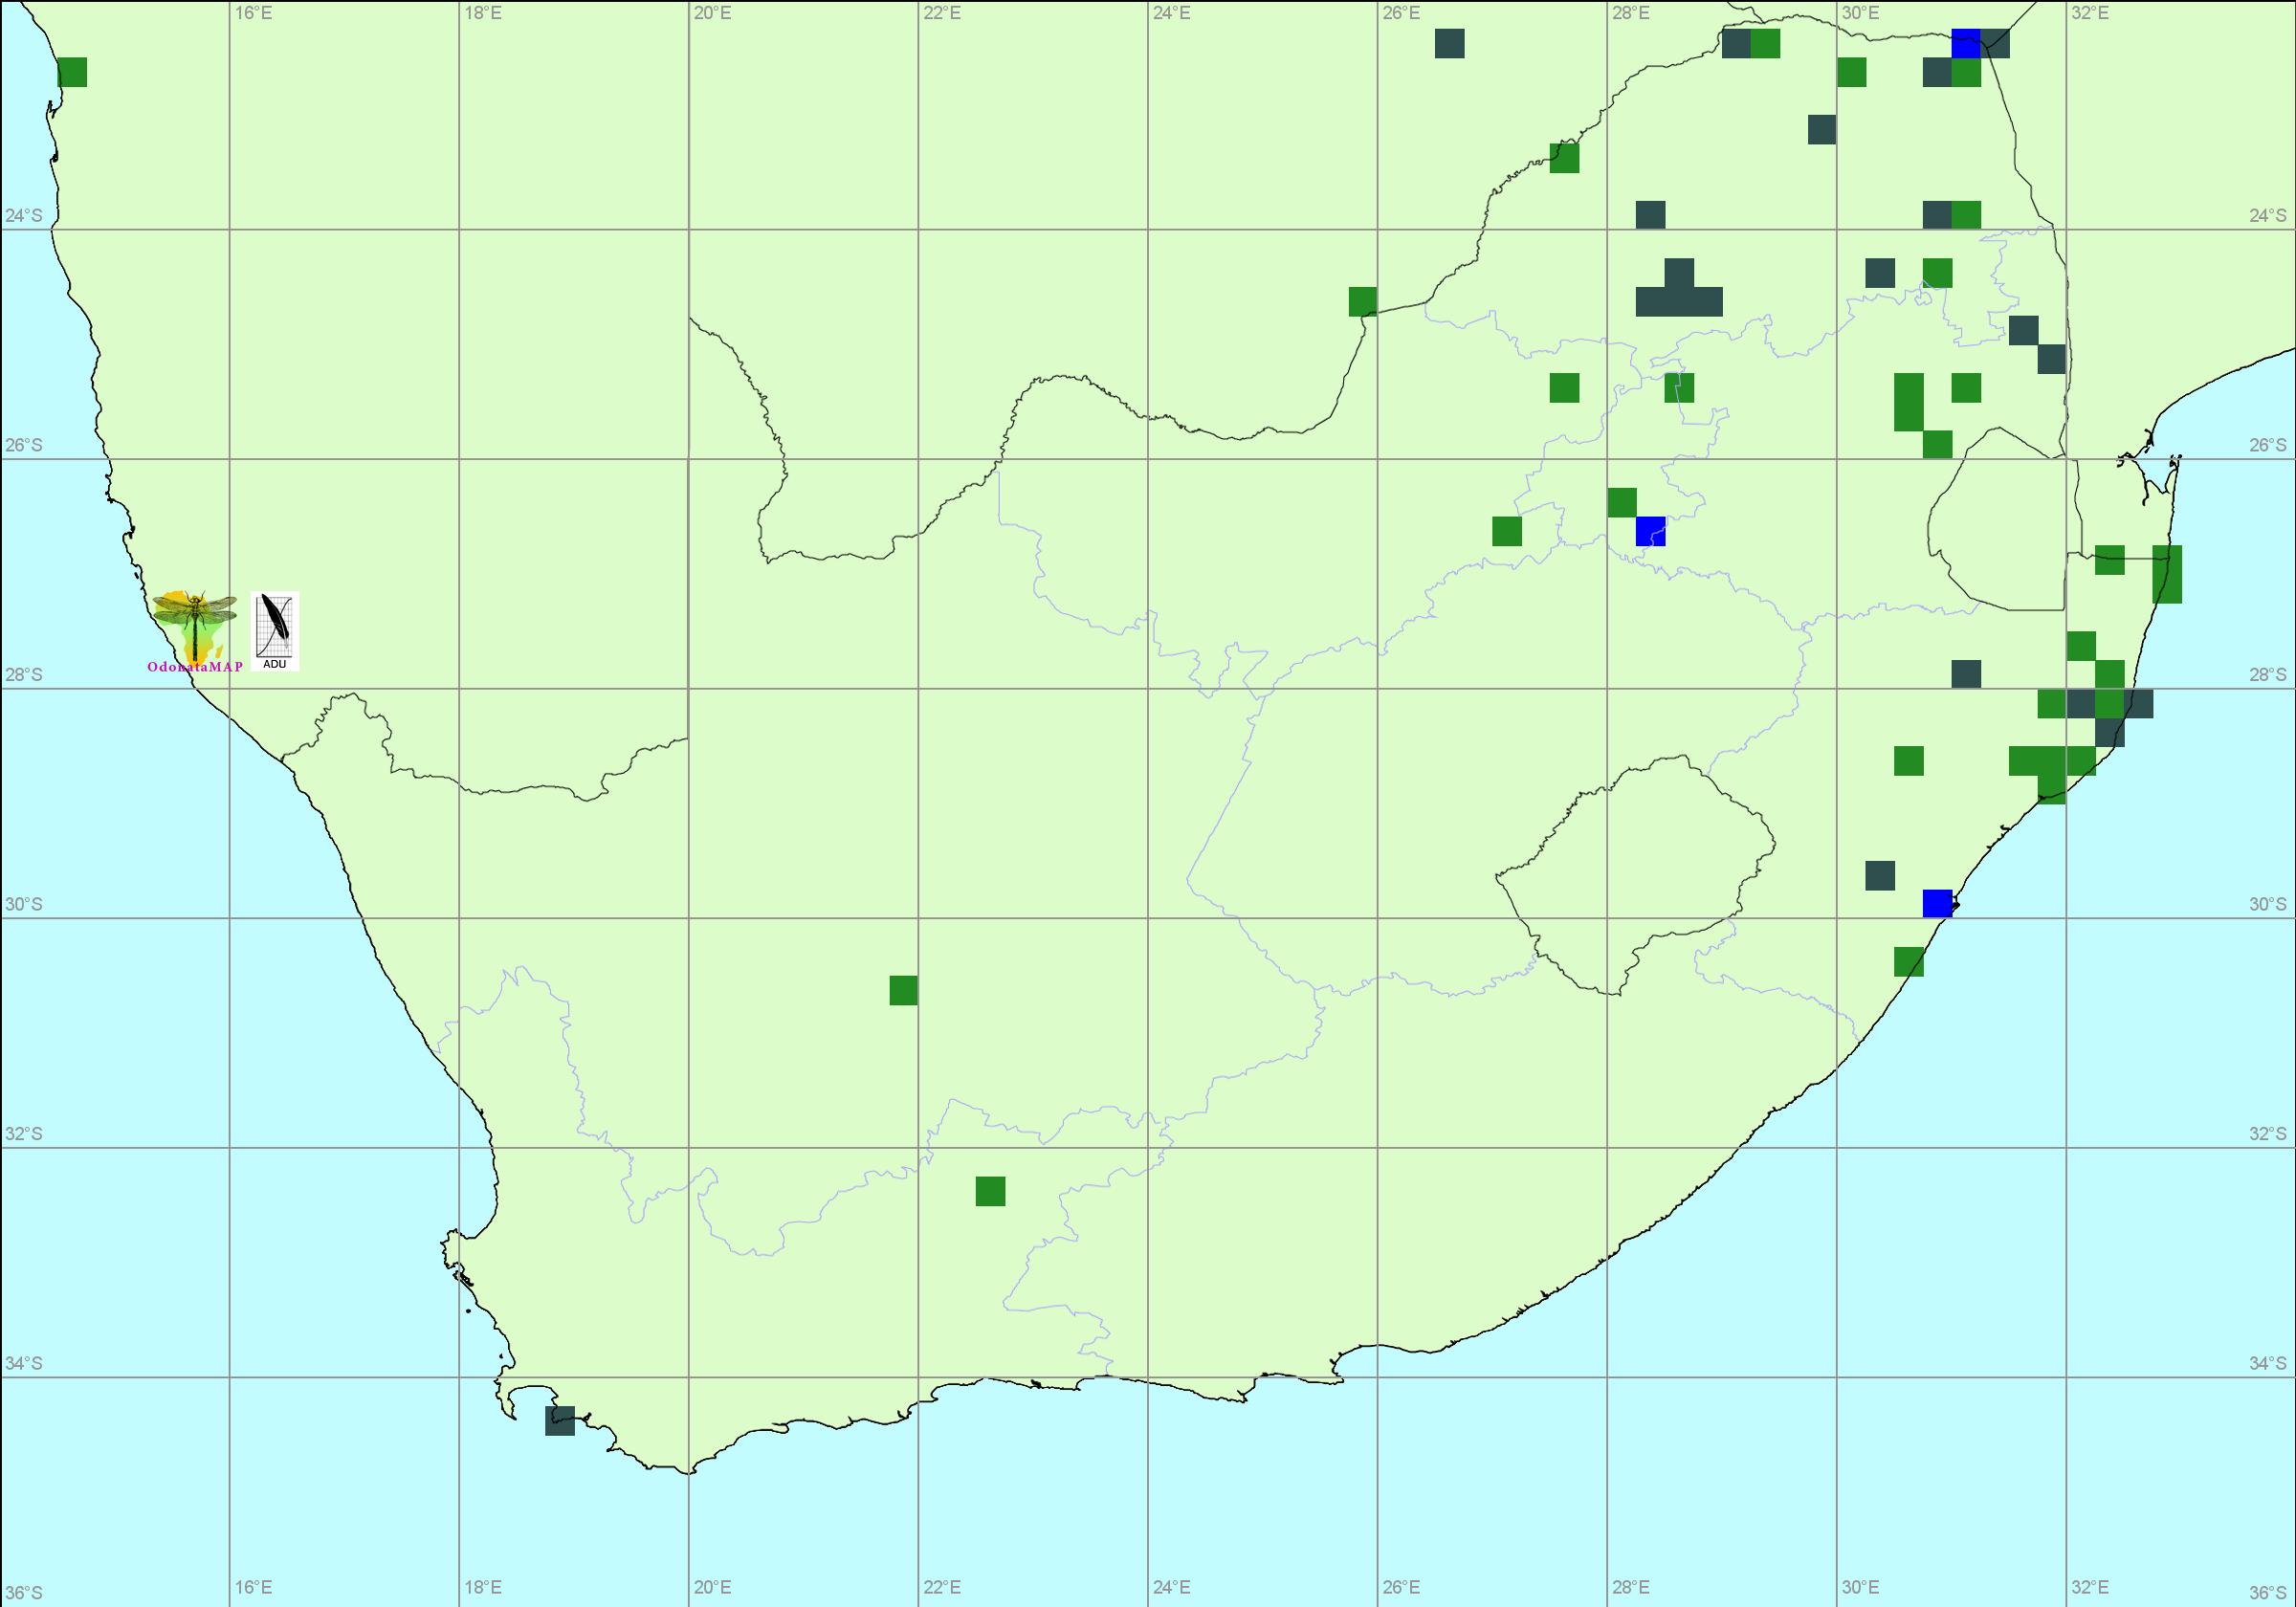 http://vmus.adu.org.za/vm_map_afr.php?&database=odonata&grid=2&outline=1&key=0&map=3&spp=664180